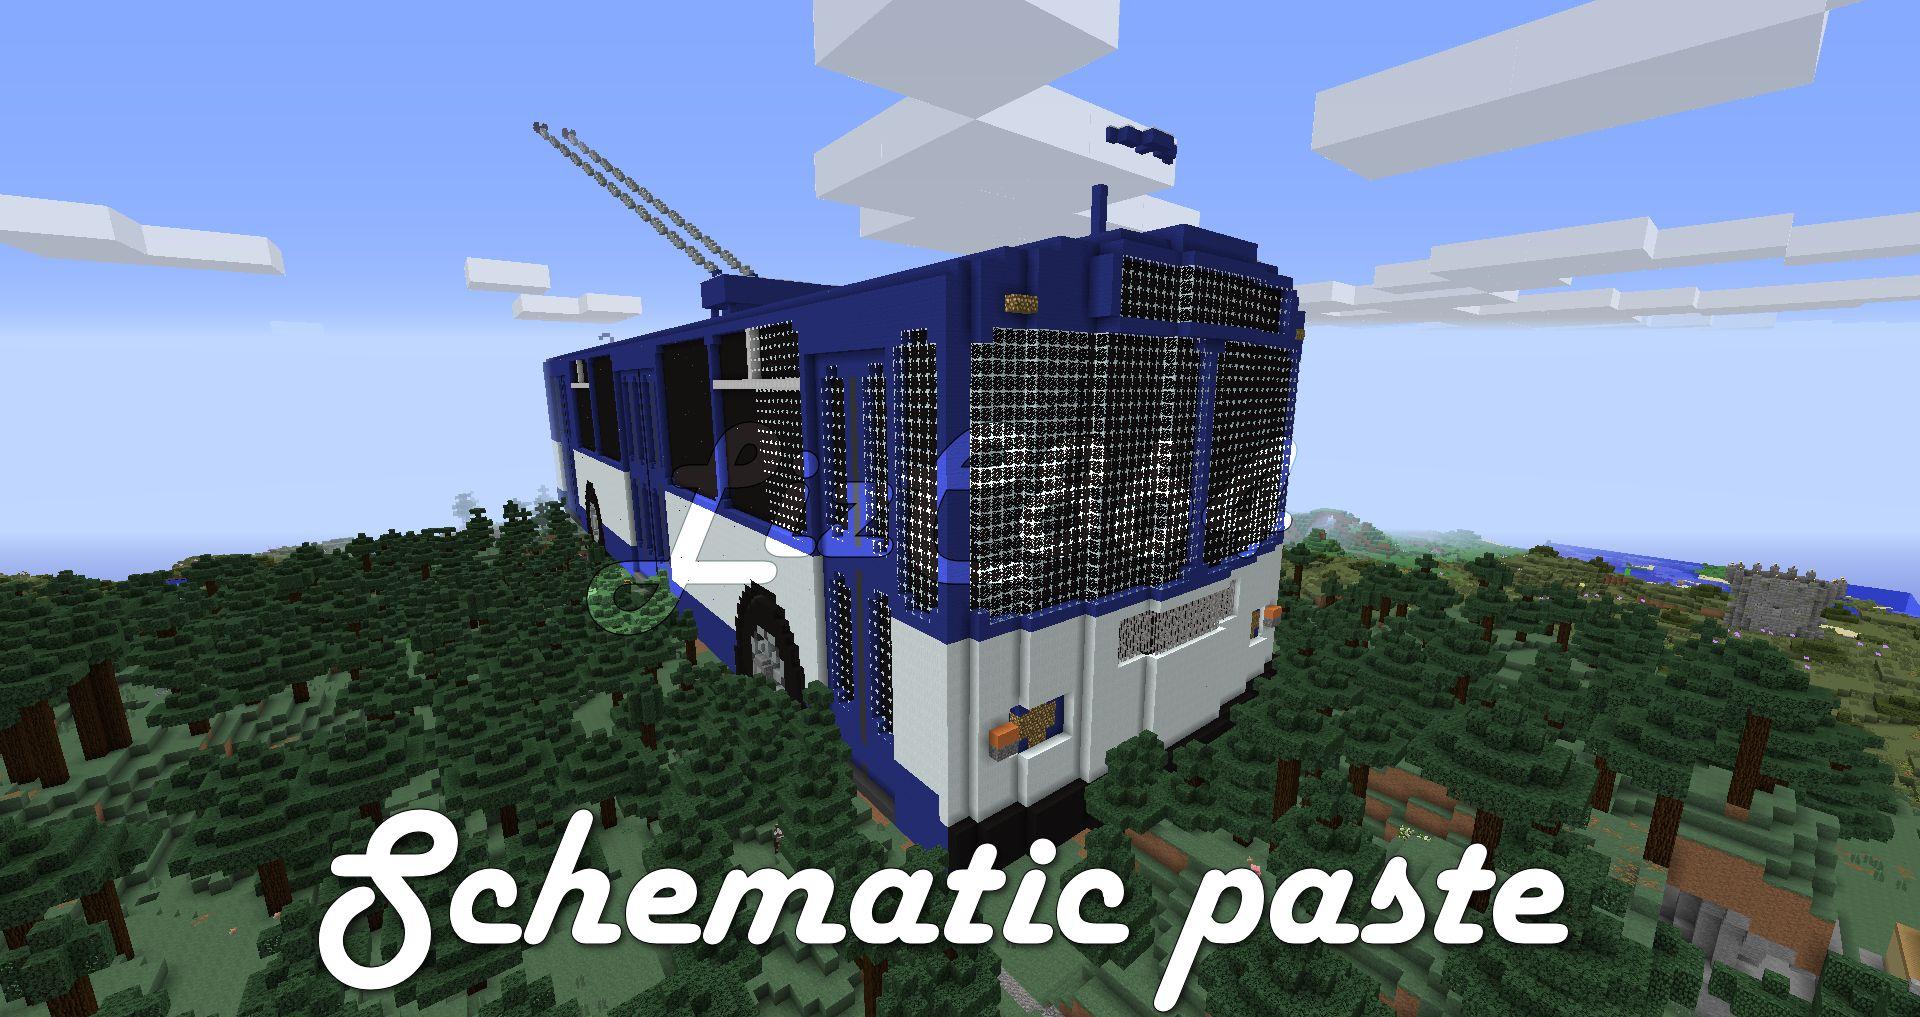 Minecraft bus schematic paste by LizC864 on DeviantArt on